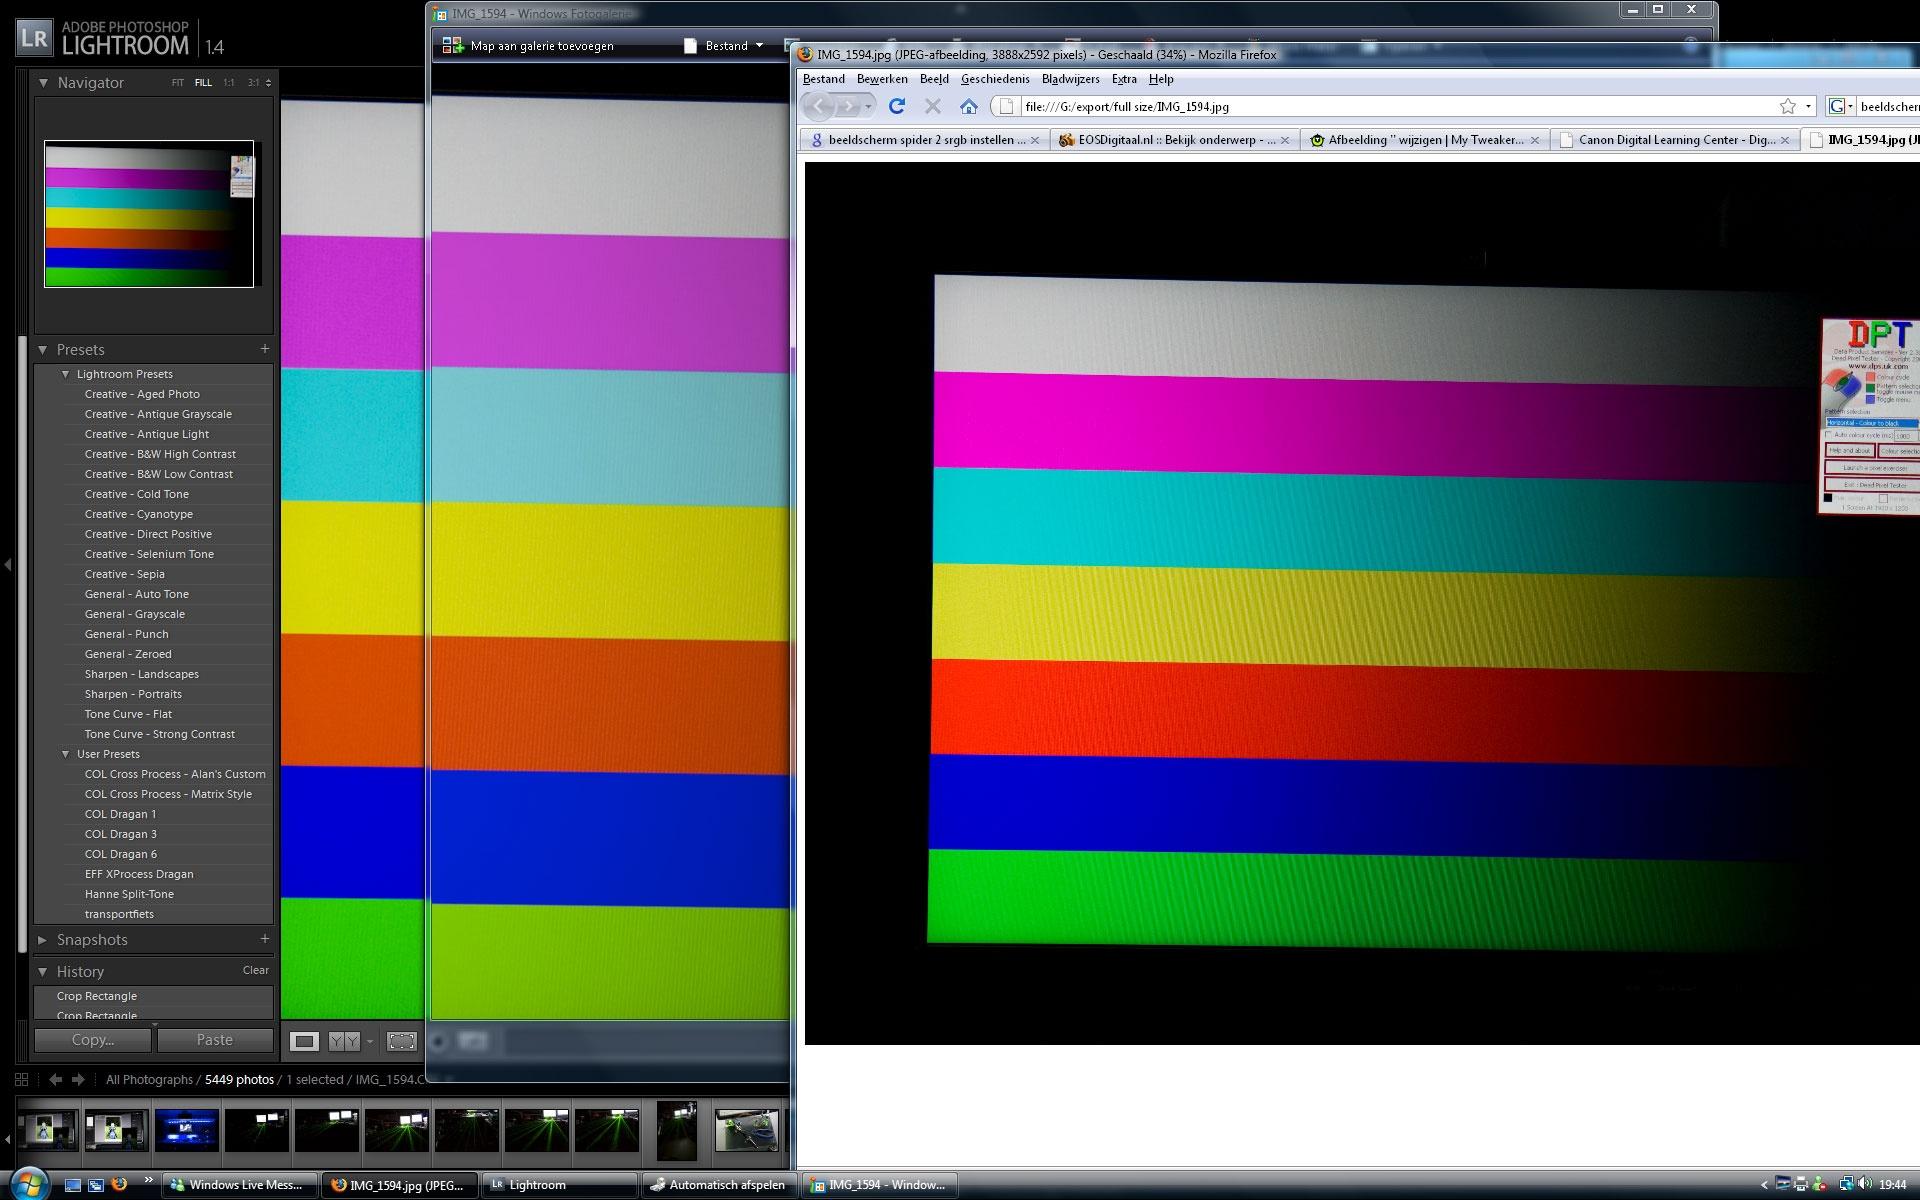 De kleurverschillen in verschillende programma's op een 'wide-gamut' scherm